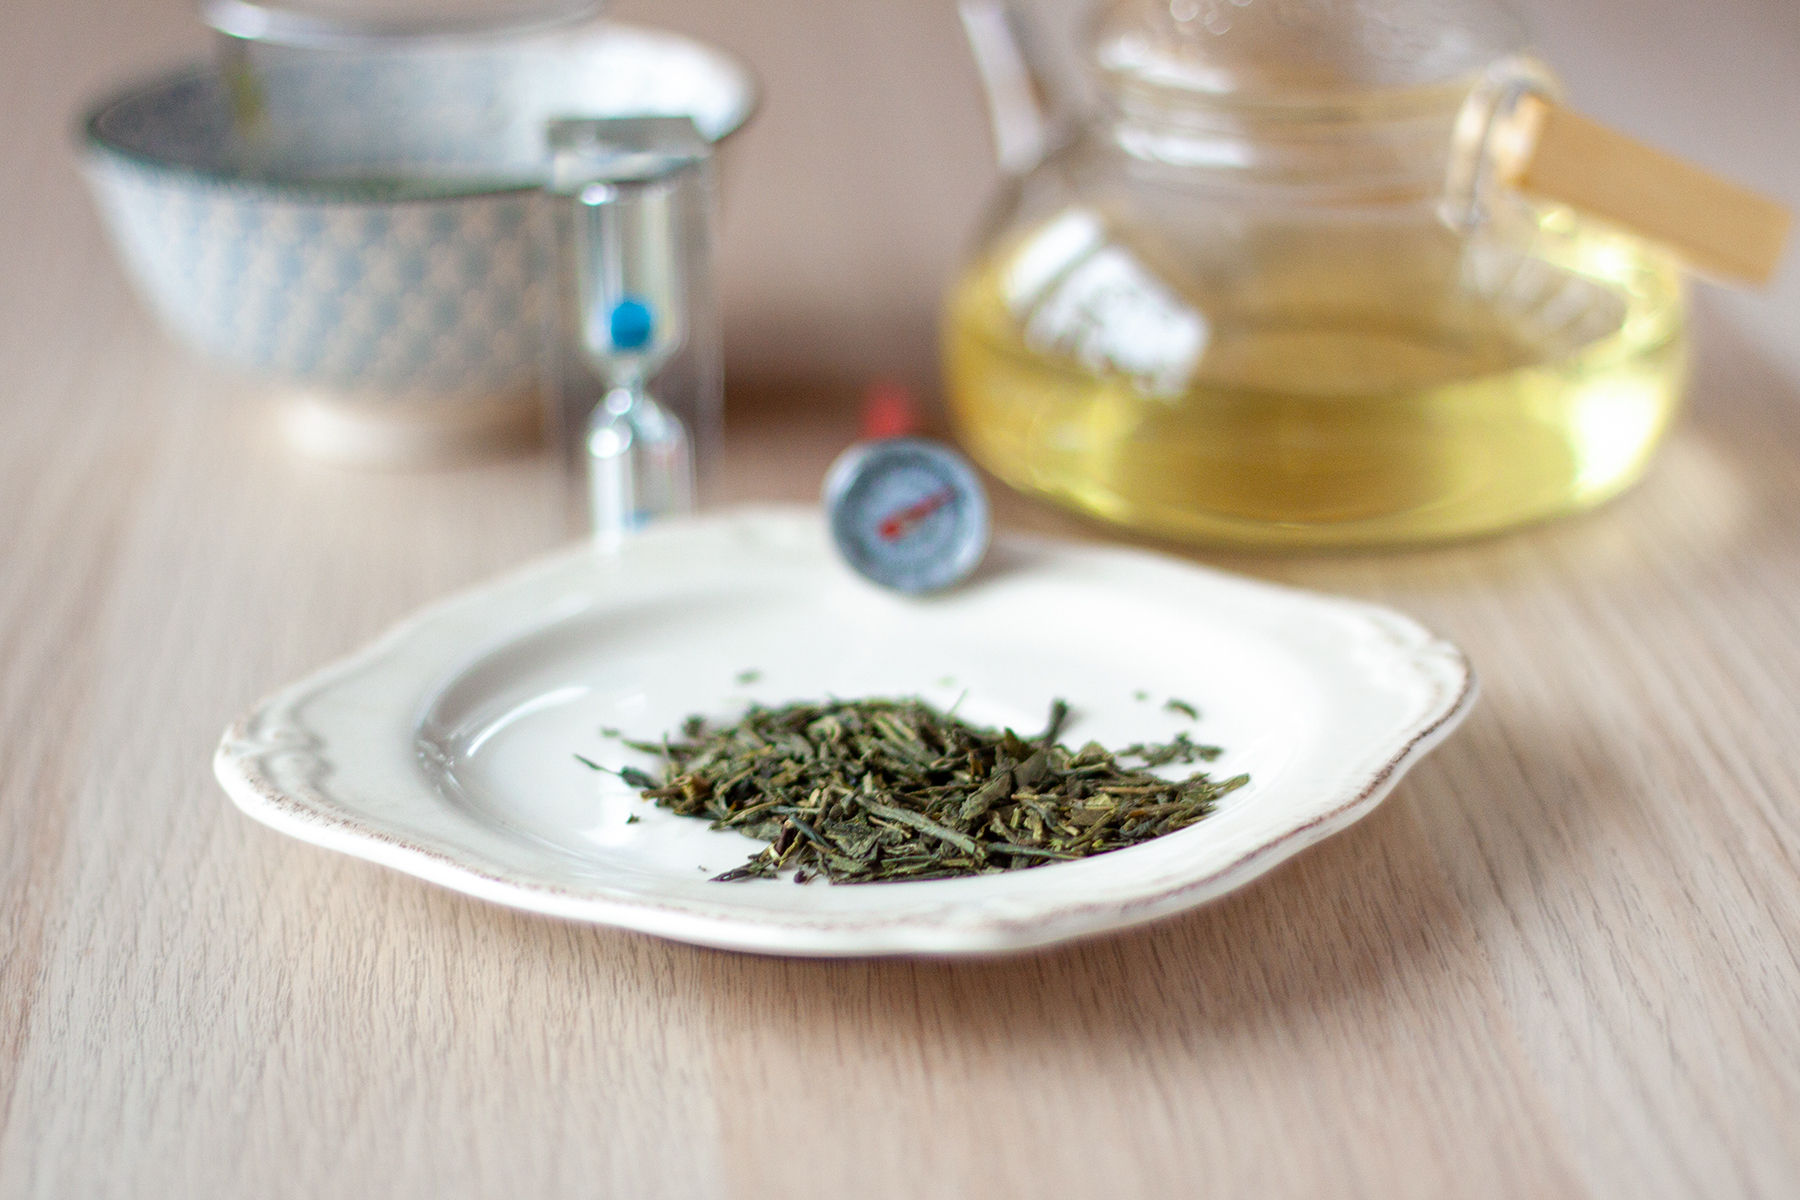 zielona herbata sencha, czajnik i termometr oraz klepsydra do mierzenia czasu parzenia